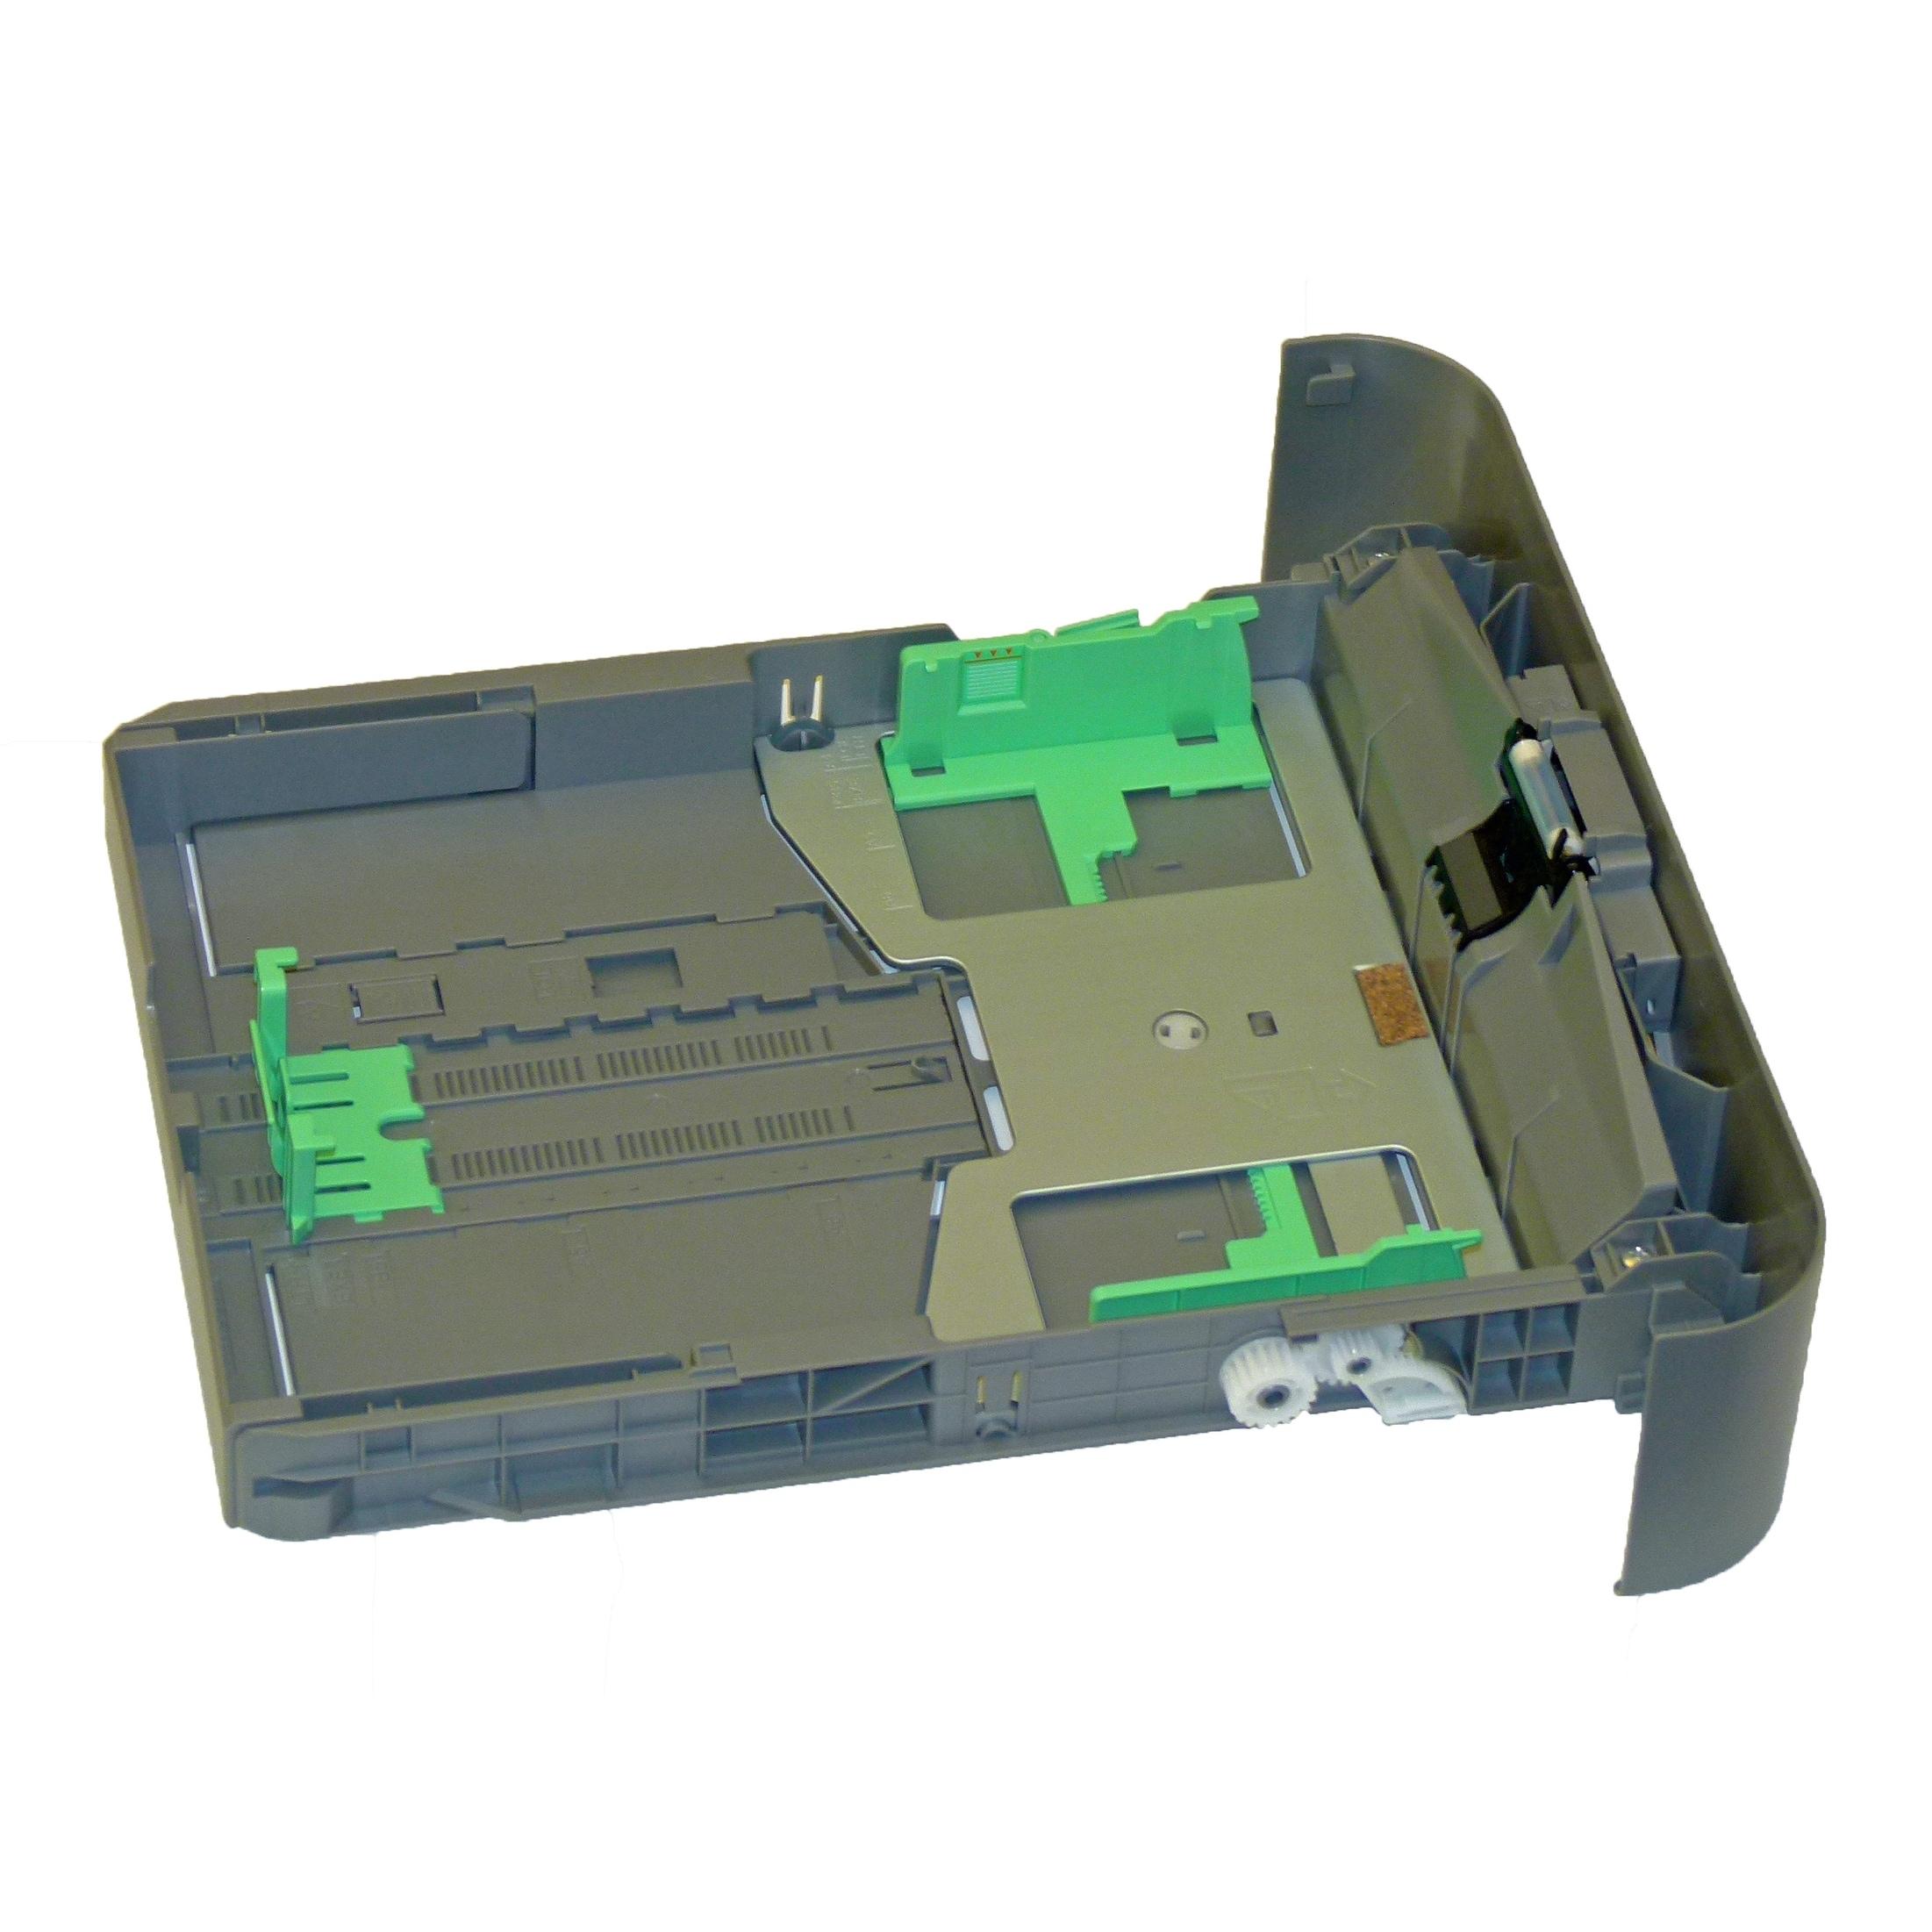 MFC-J425W MFC-J835DW MFC-J435W Brother Paper Cassette MFCJ435W MFCJ835DW